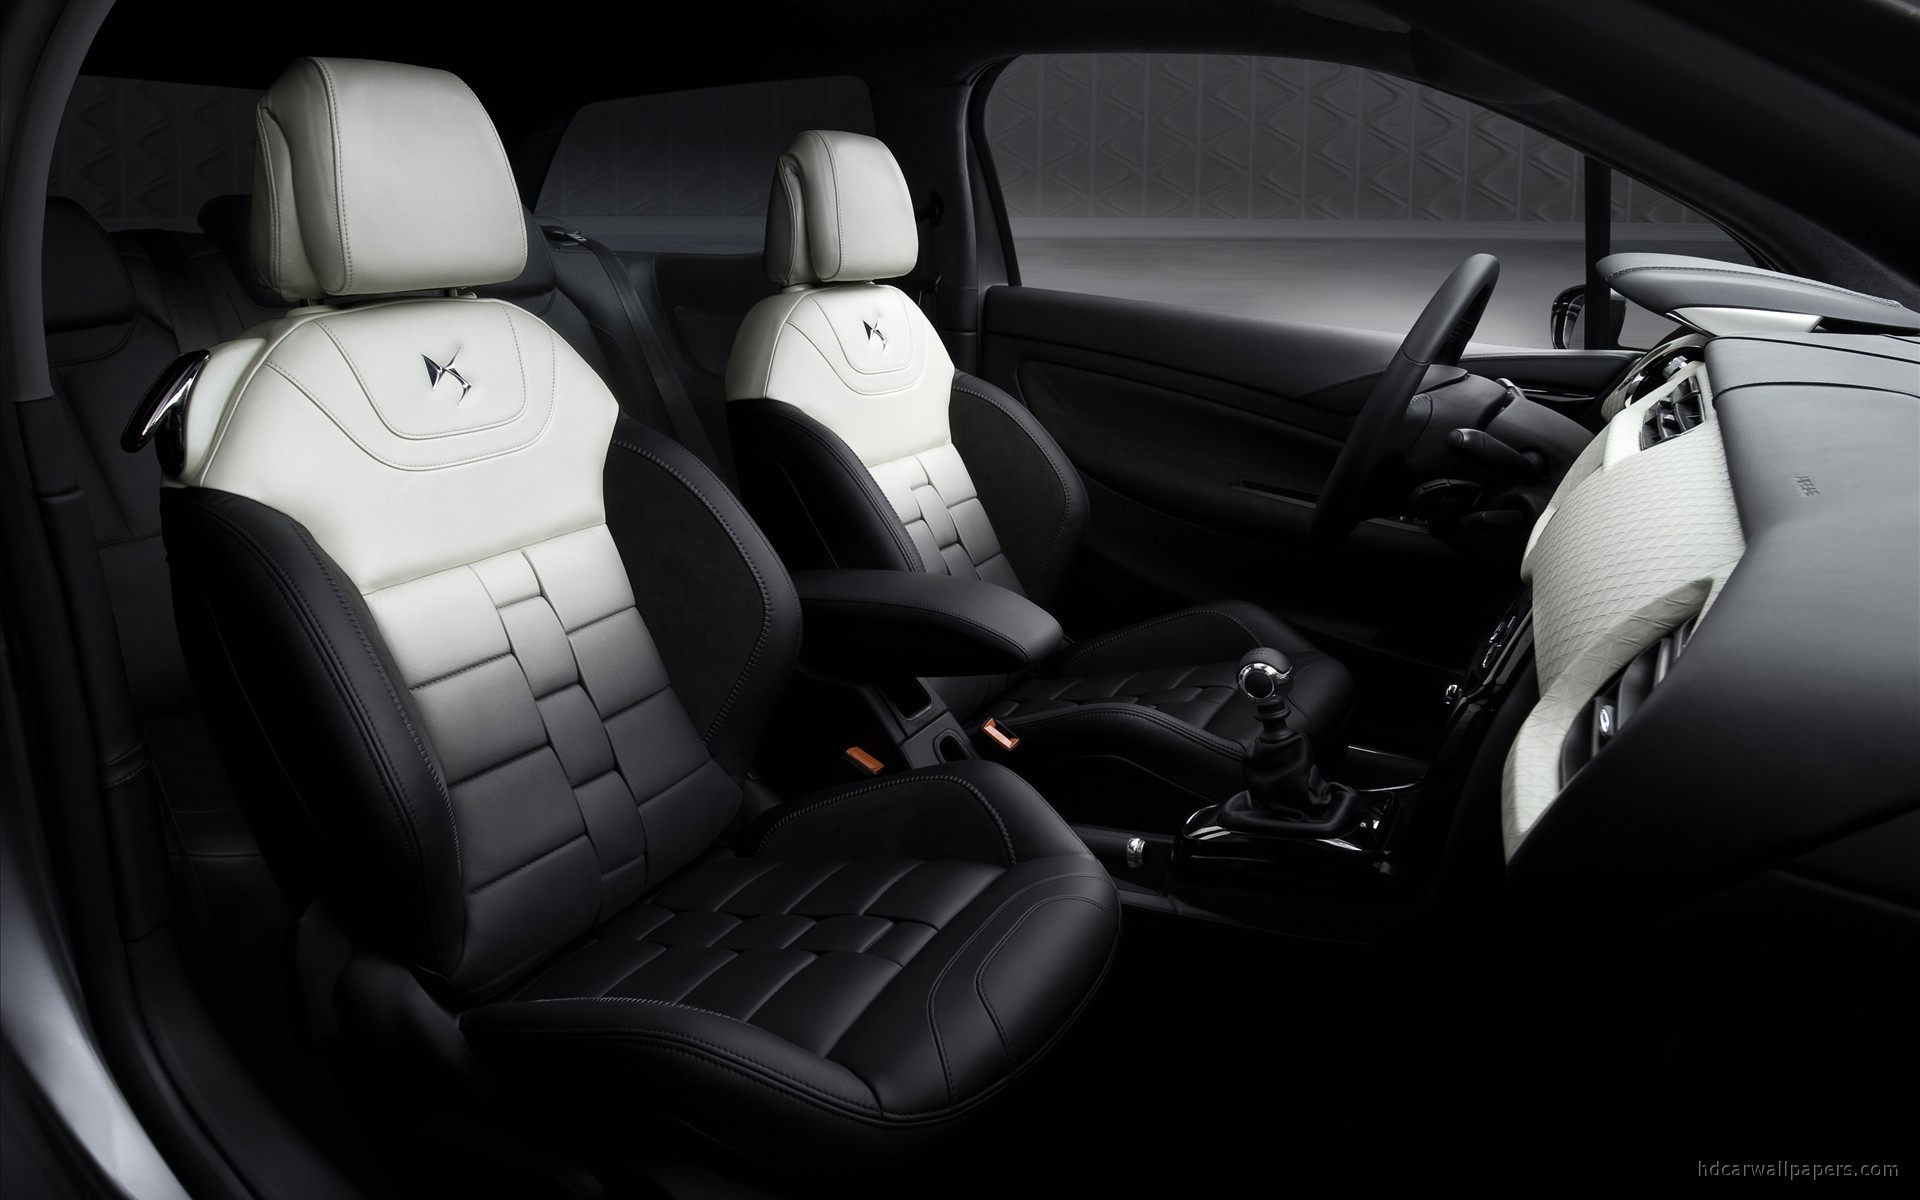 2009 Citroen Ds Inside Concept Interior Wallpaper Hd Car